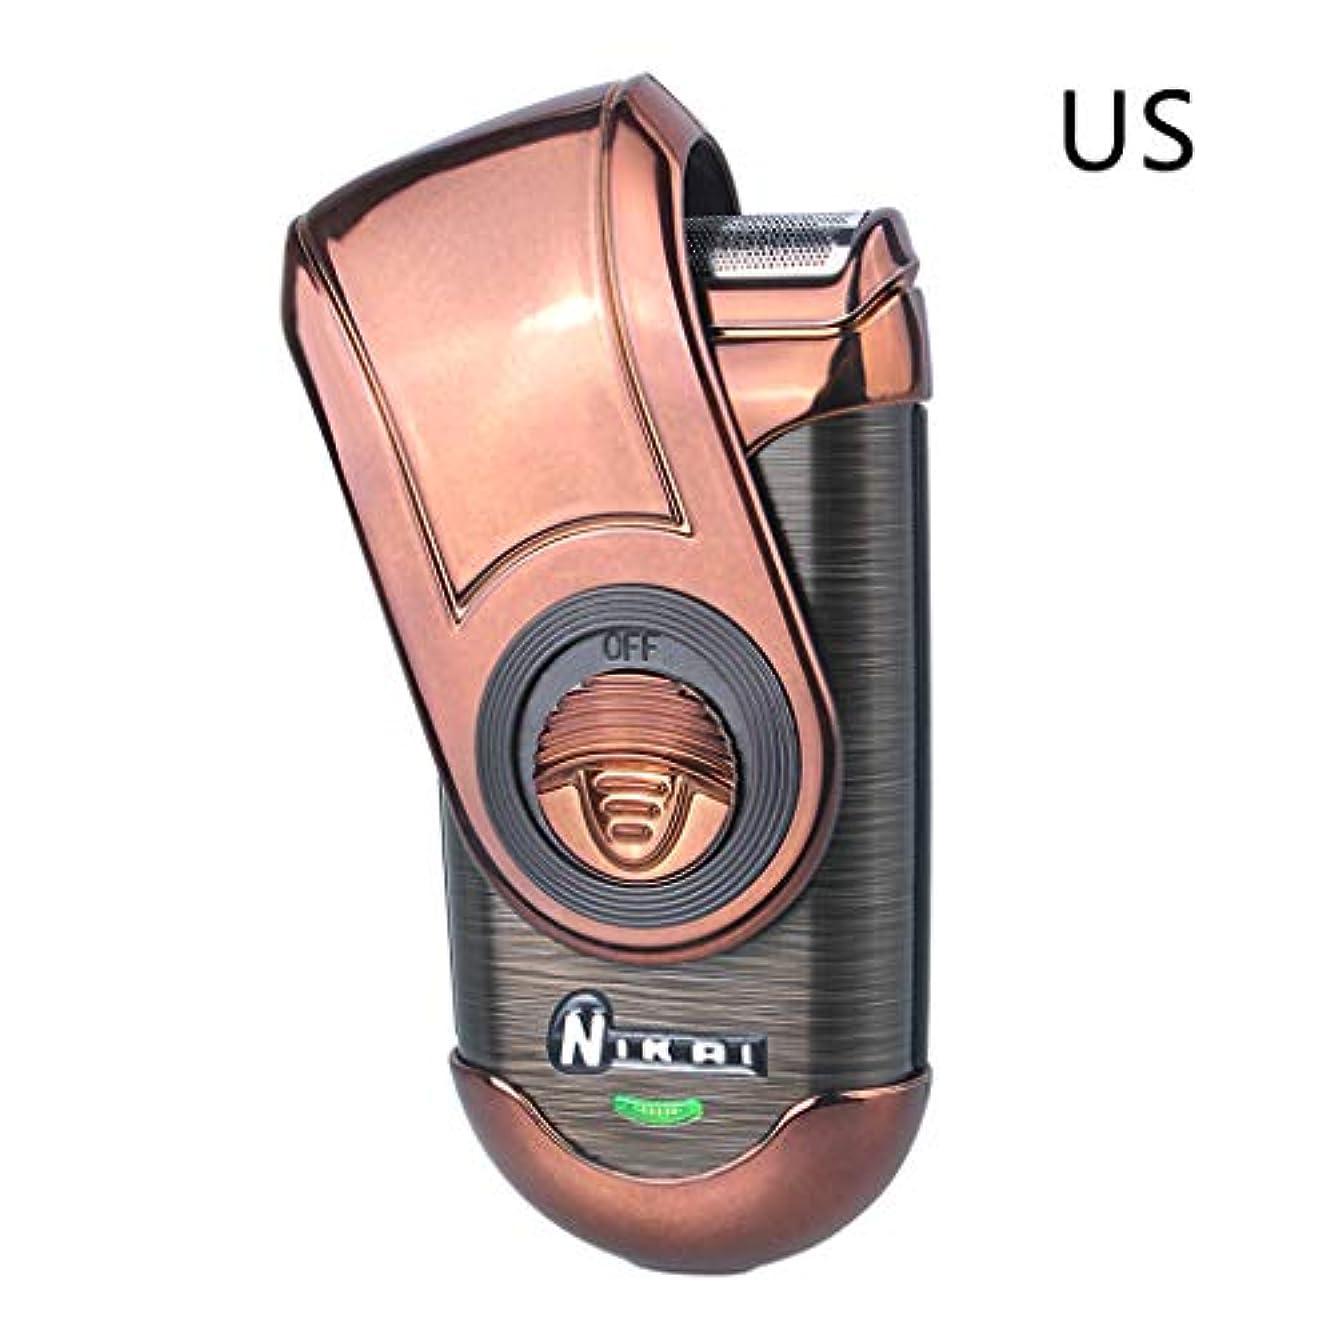 すばらしいです道に迷いました日常的にYHSUNN 充電式シェーバー強力な電気シェーバーポータブル往復カミソリ充電シングルメッシュ電気かみそり用男性フェイスケア多機能シェービング